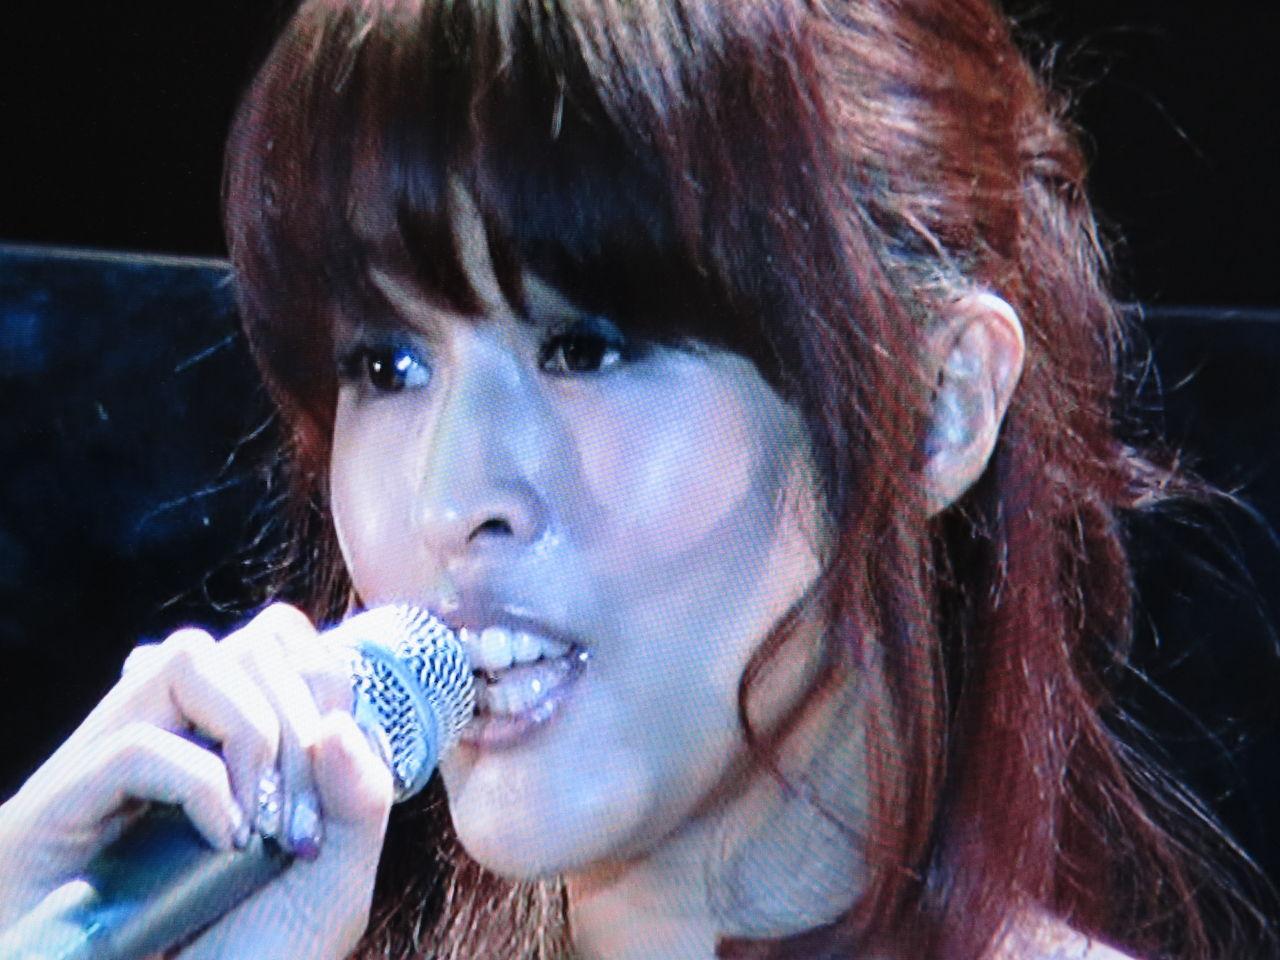 宇徳敬子の画像 p1_31